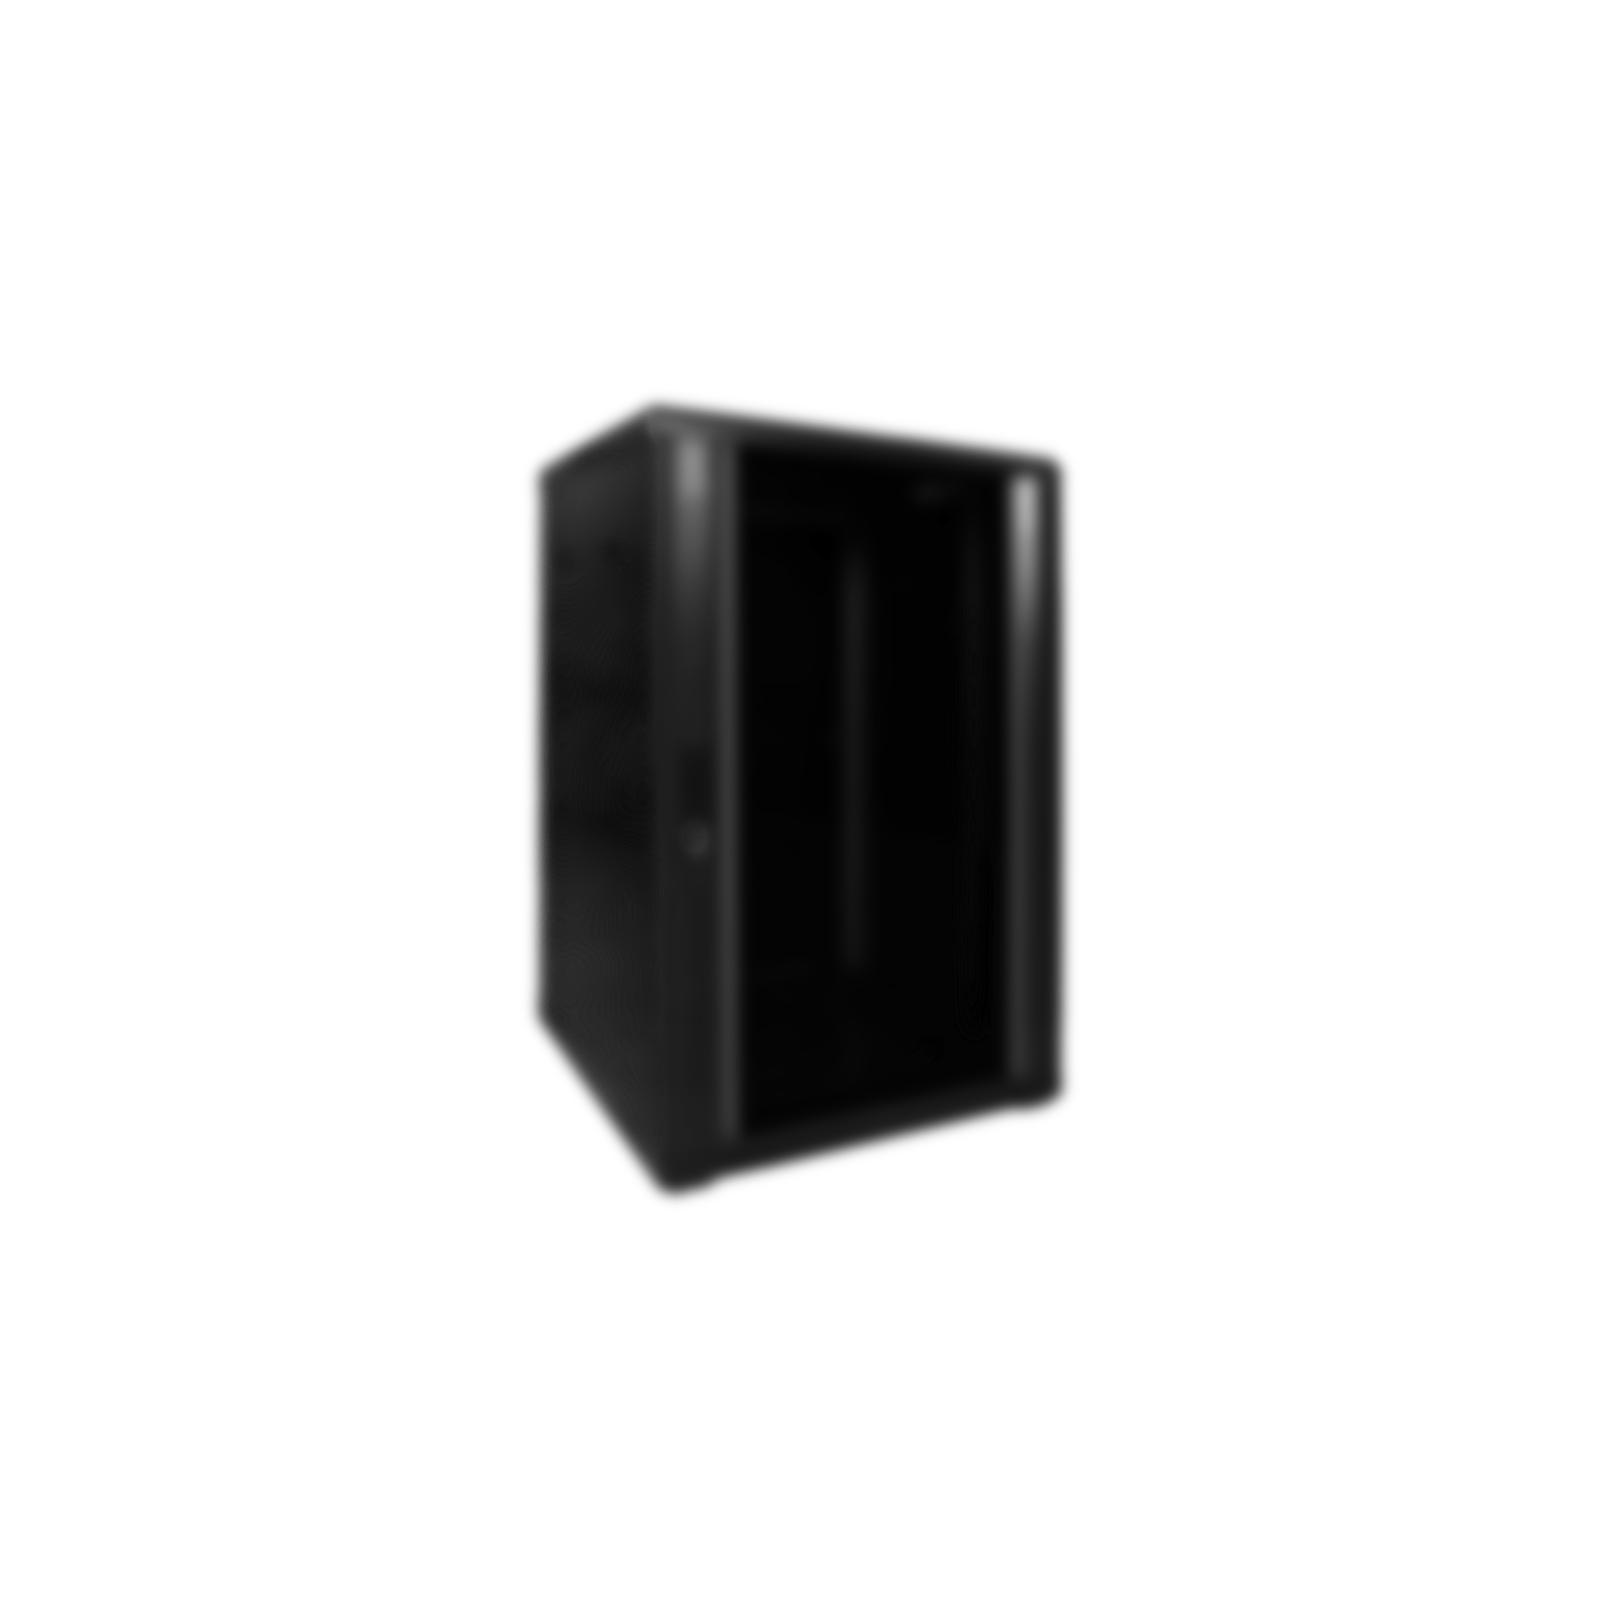 Afbeelding van 19 inch cover panel - 6U